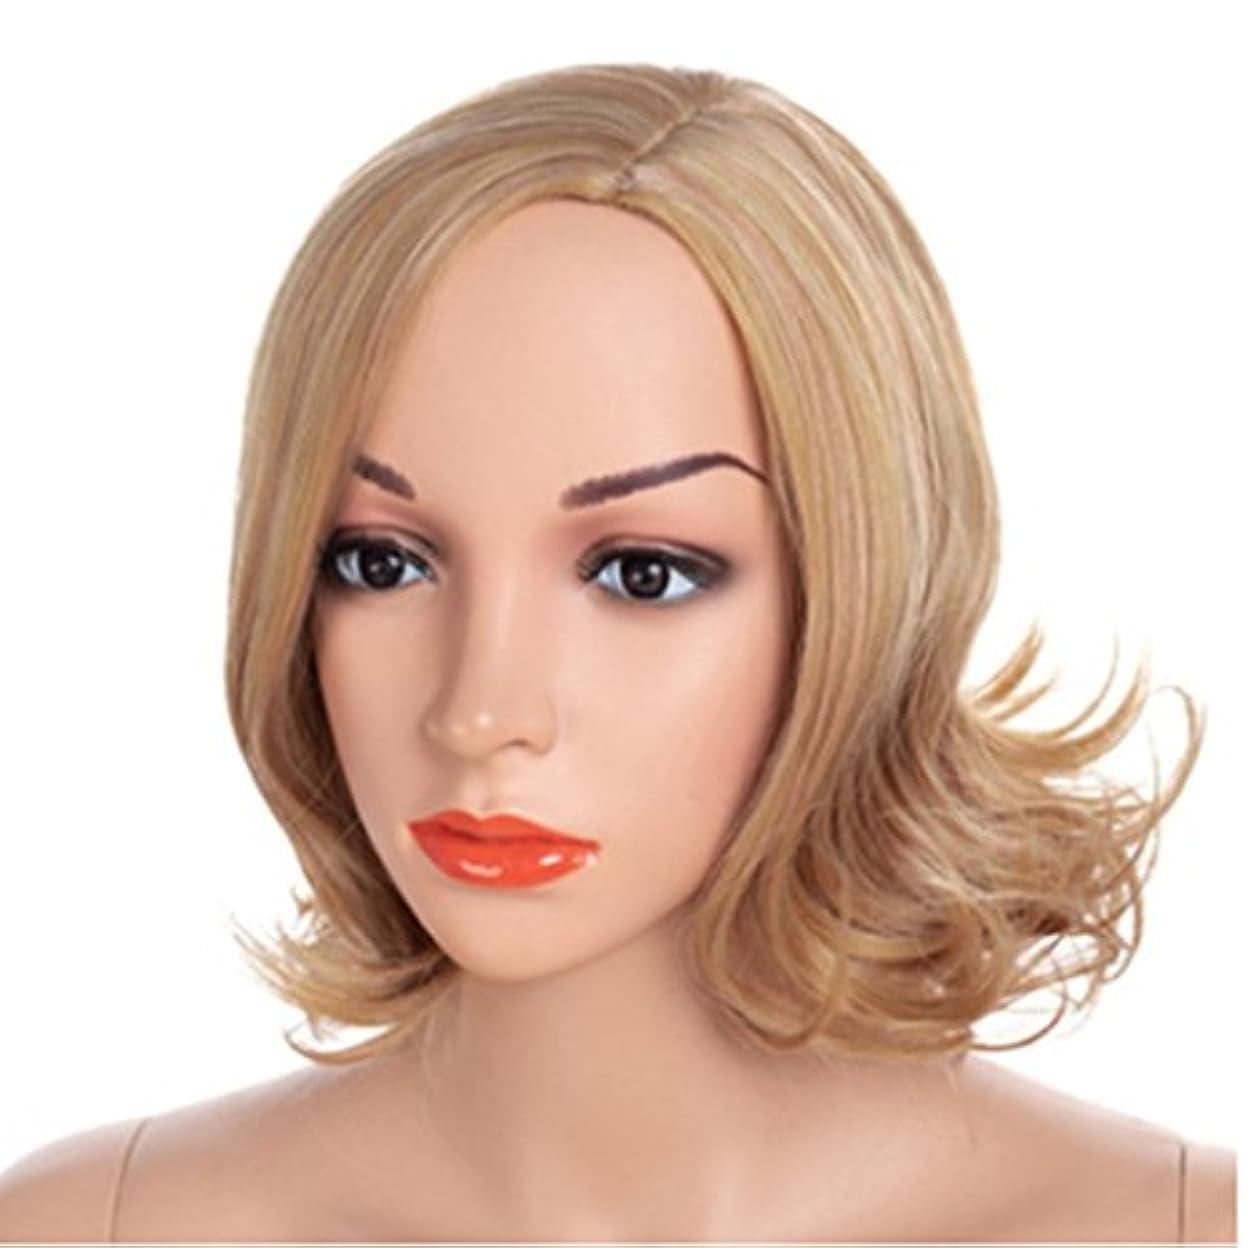 セージシンプルさプランターYOUQIU 顔ウィッグで変更することができ黄金の髪の色とAウィッグ髪型の40センチメートル女性のかつら髪型メッシー伐採 (色 : ゴールド)